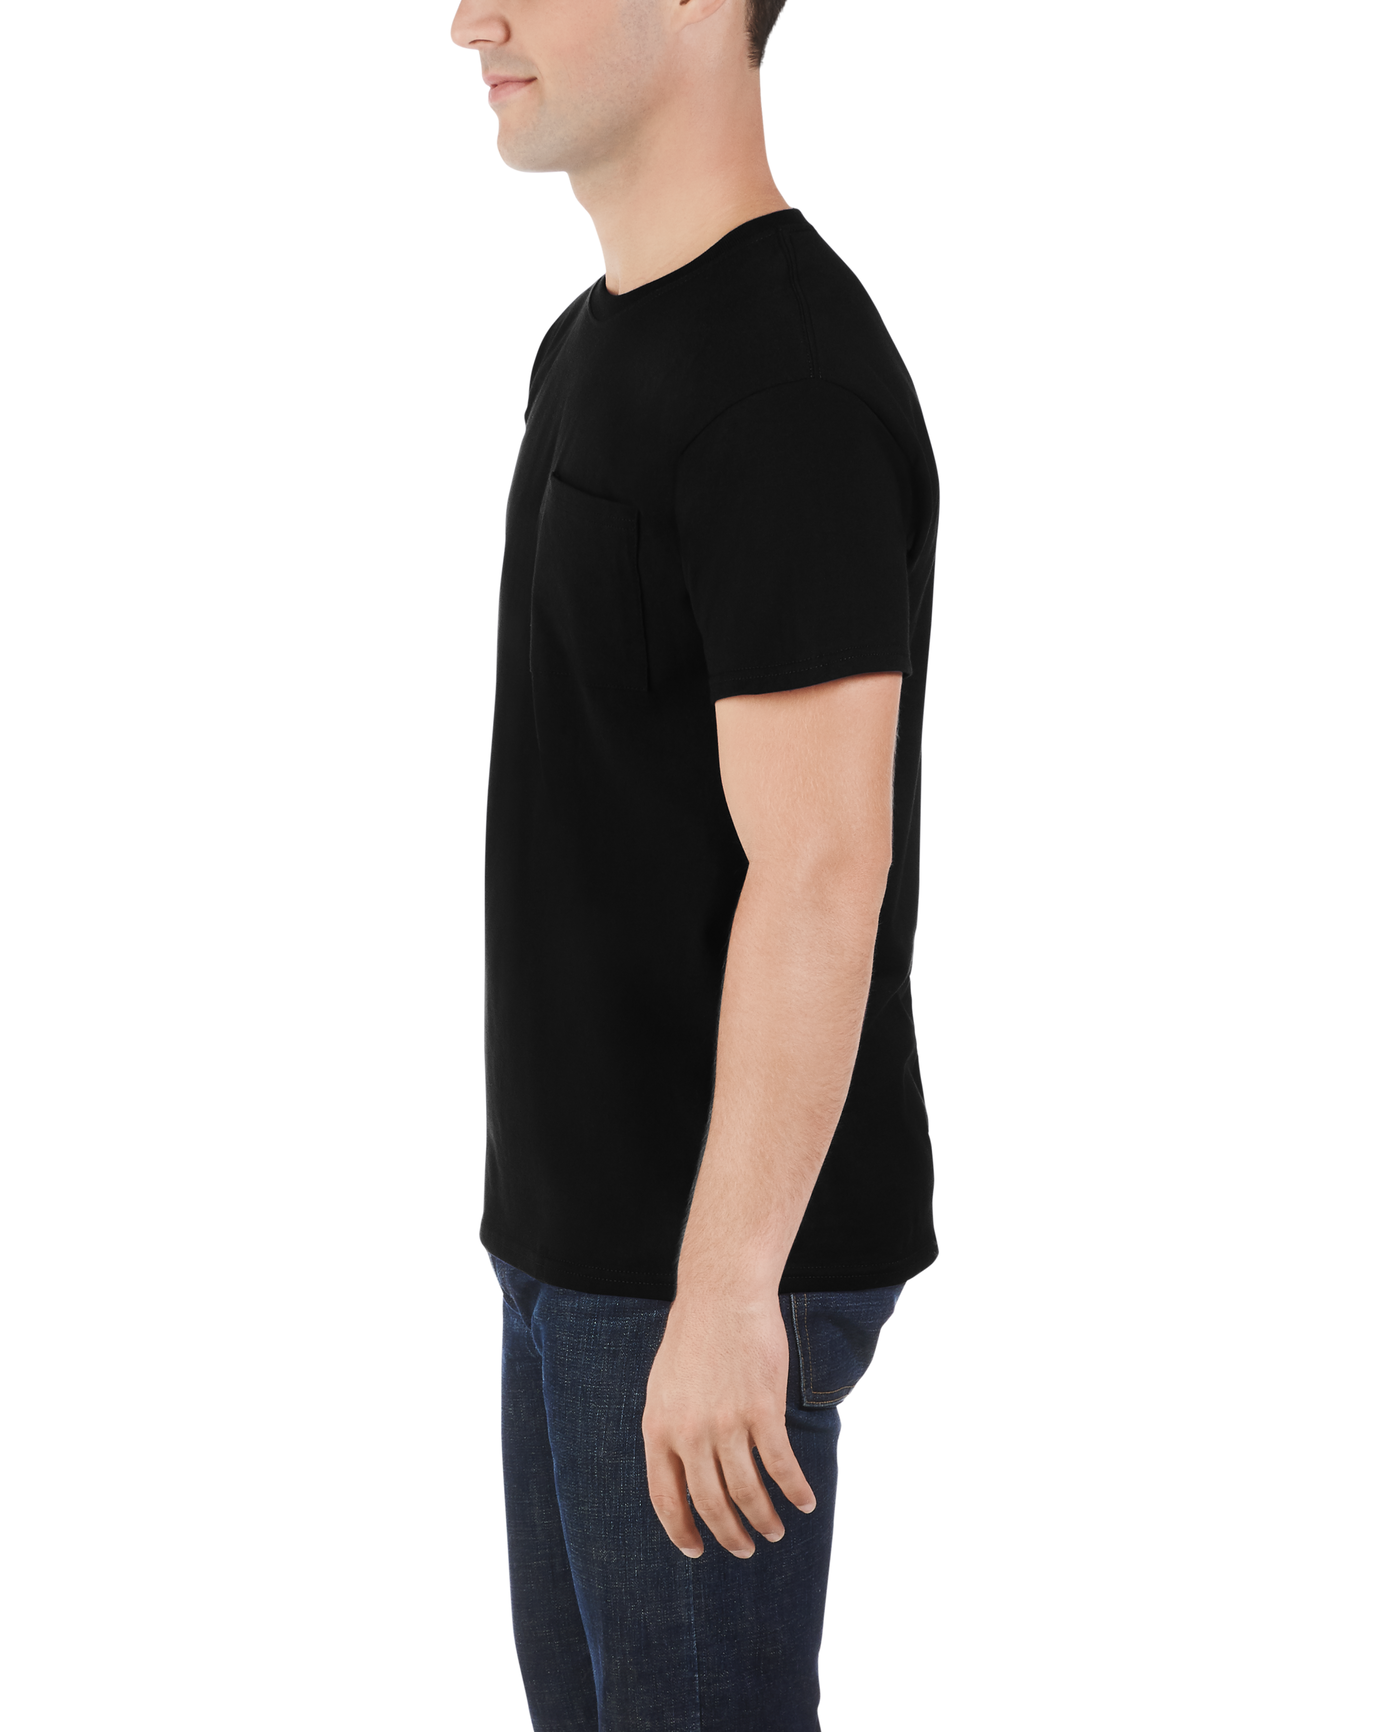 51456cd0f25540 Big Men s Dual Defense® UPF Pocket T Shirt - Fruit US